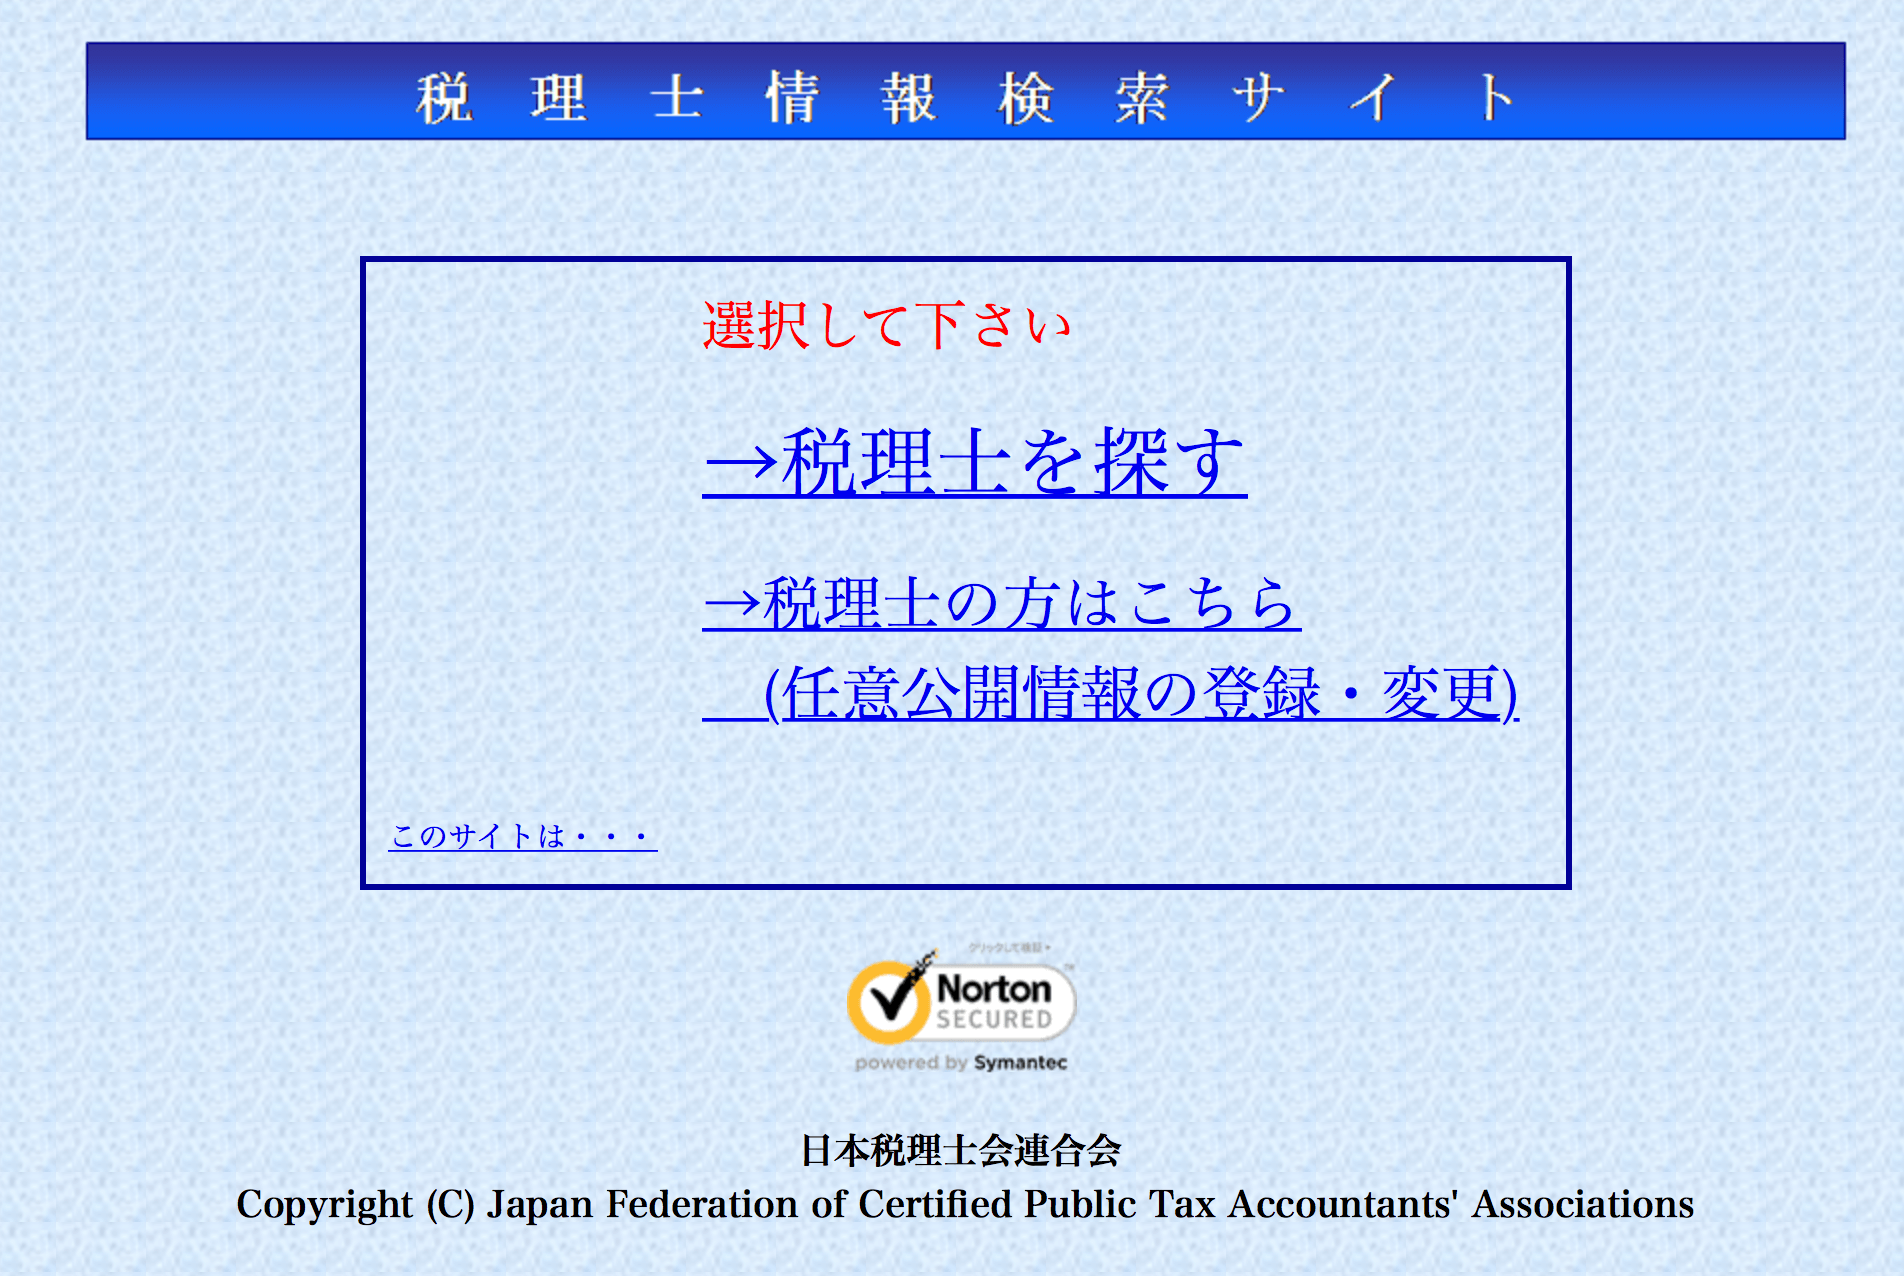 『日本税理士会連合会』|全国の税理士を検索できる税理士会公式サイト